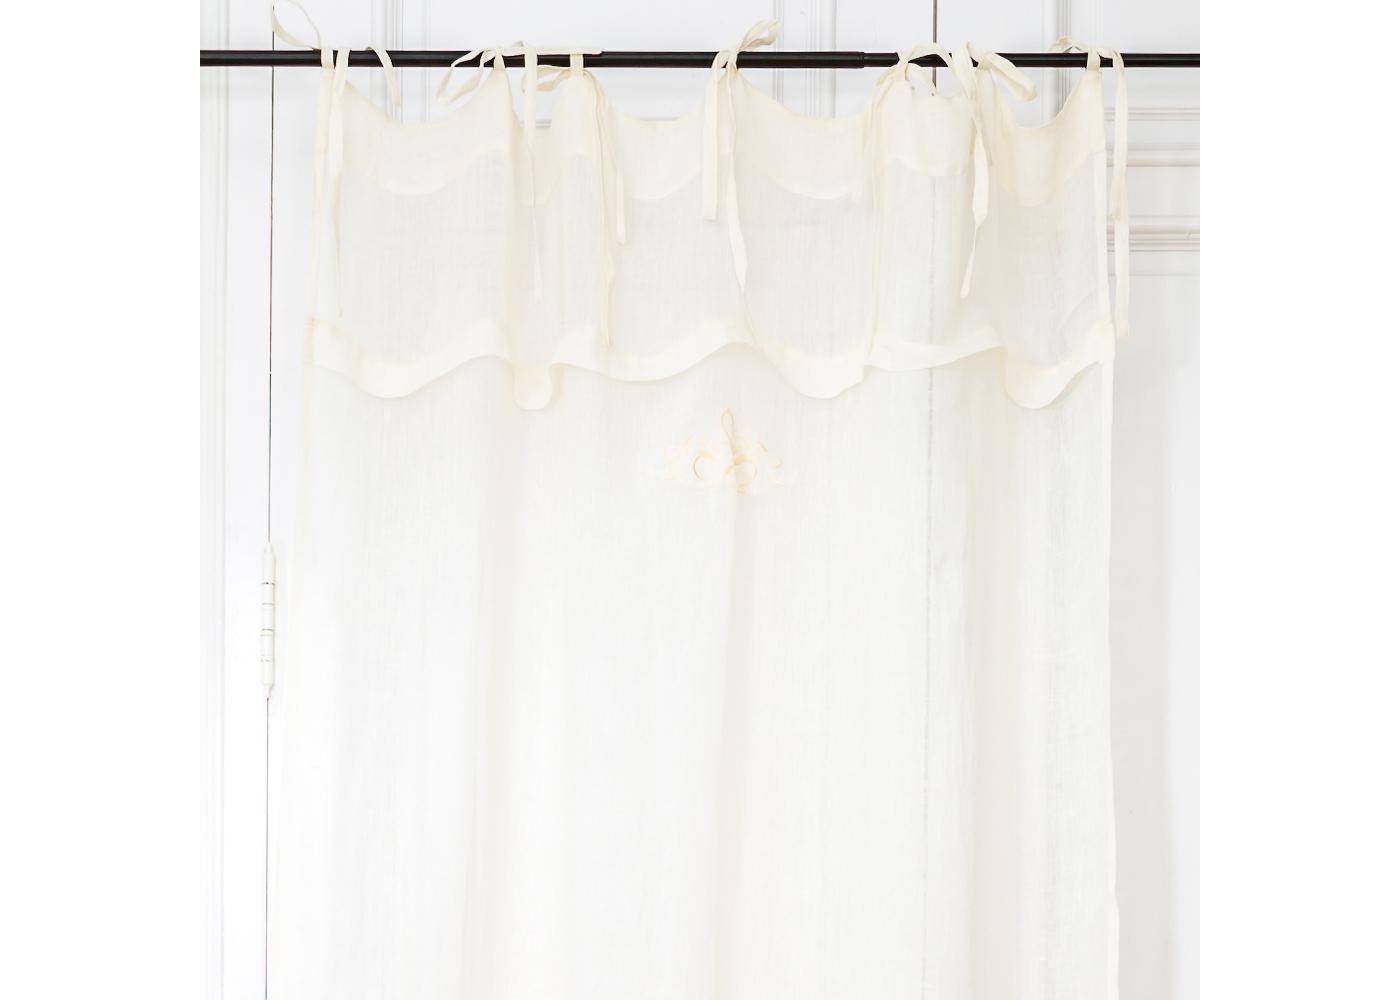 Штора «Королевская лилия»Шторы<br>&amp;lt;div&amp;gt;Элегантная штора «Королевская лилия» создаст свежую и романтичную атмосферу в спальне, столовой, гостиной или детской комнате. Полупрозрачный занавес из натурального льна, нежного кремового цвета, просеивает солнечный свет, наполняя пространства атмосферой безмятежности и уюта.&amp;amp;nbsp;&amp;lt;/div&amp;gt;&amp;lt;div&amp;gt;Эта шторы выполнена из натурально 100% льна. Штора размером 140?280 см поистине обворожительна. Особым украшением является бордюр под вышивкой. Штора снабжена семью петлями, которые завязываются в кокетливые банты. Каждая завязка имеет длину 40 см, что без труда позволит при необходимости удлинить штору, не смотря на то, что её готовый размер уже не мал.&amp;lt;/div&amp;gt;&amp;lt;div&amp;gt;&amp;lt;br&amp;gt;&amp;lt;/div&amp;gt;<br><br>&amp;lt;iframe width=&amp;quot;530&amp;quot; height=&amp;quot;360&amp;quot; src=&amp;quot;https://www.youtube.com/embed/iBvMqoOrDH4&amp;quot; frameborder=&amp;quot;0&amp;quot; allowfullscreen=&amp;quot;&amp;quot;&amp;gt;&amp;lt;/iframe&amp;gt;<br><br>Material: Лен<br>Width см: 140<br>Height см: 280